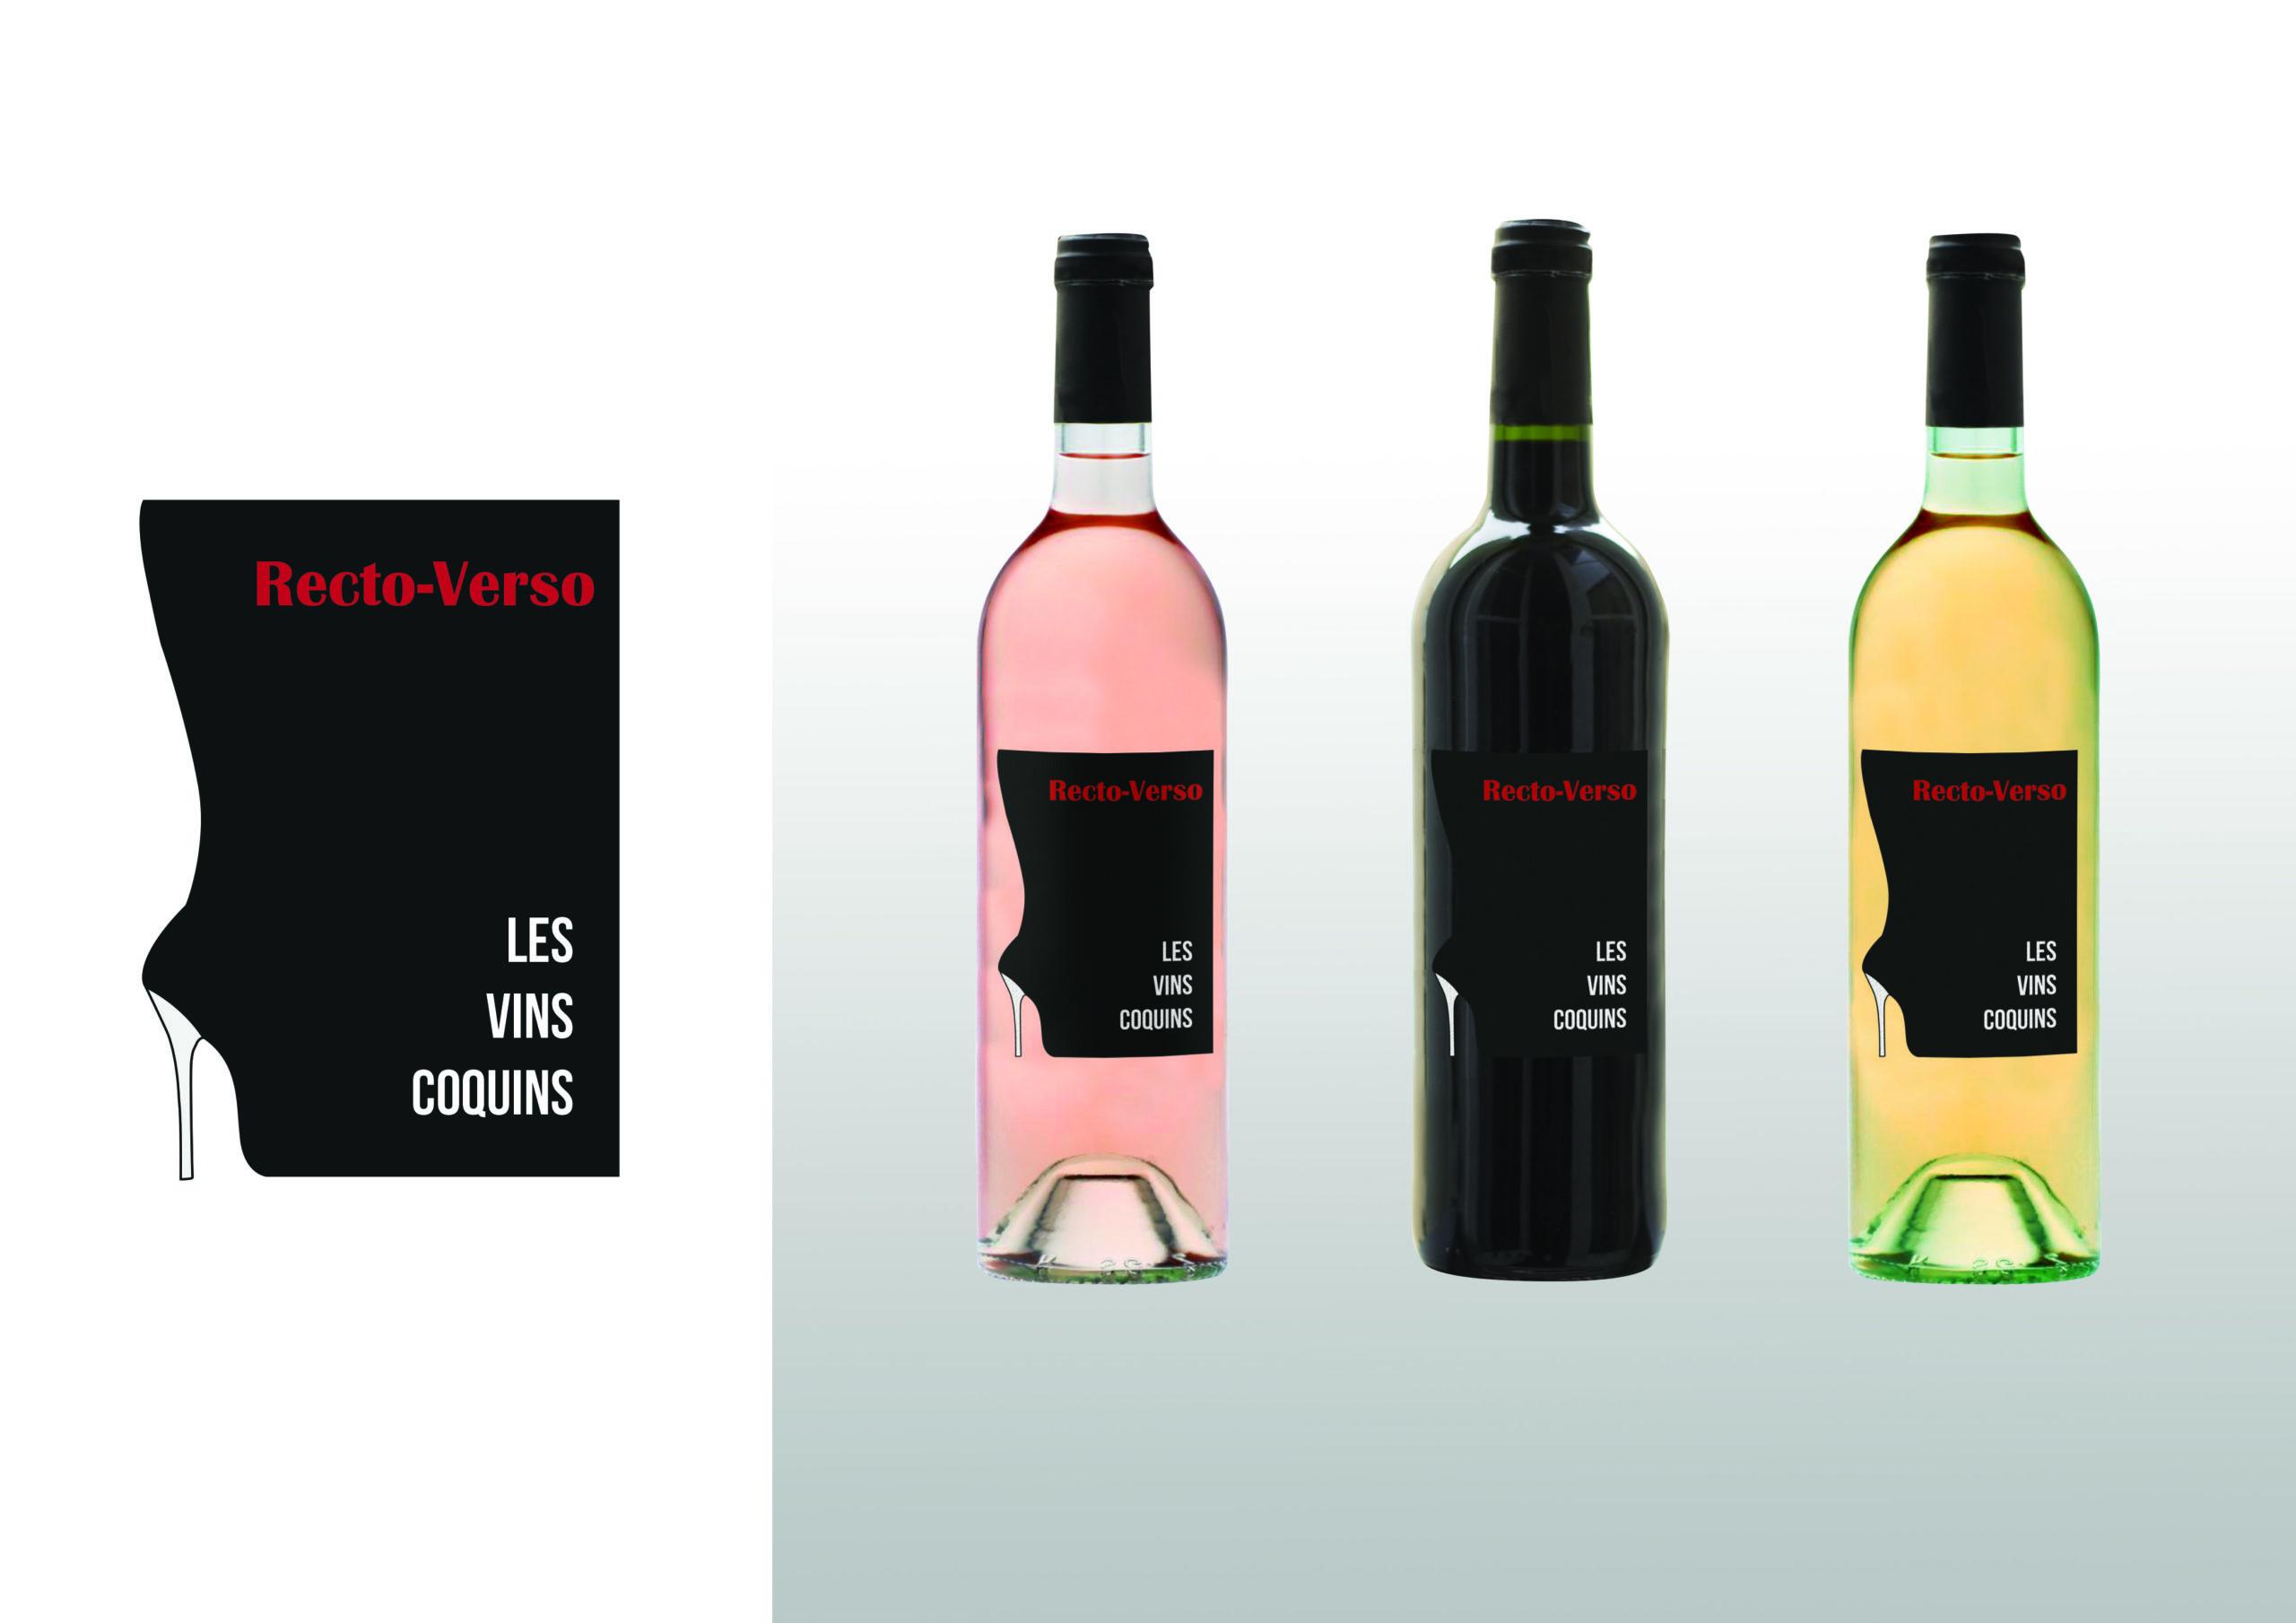 seconde étiquette les vins coquins